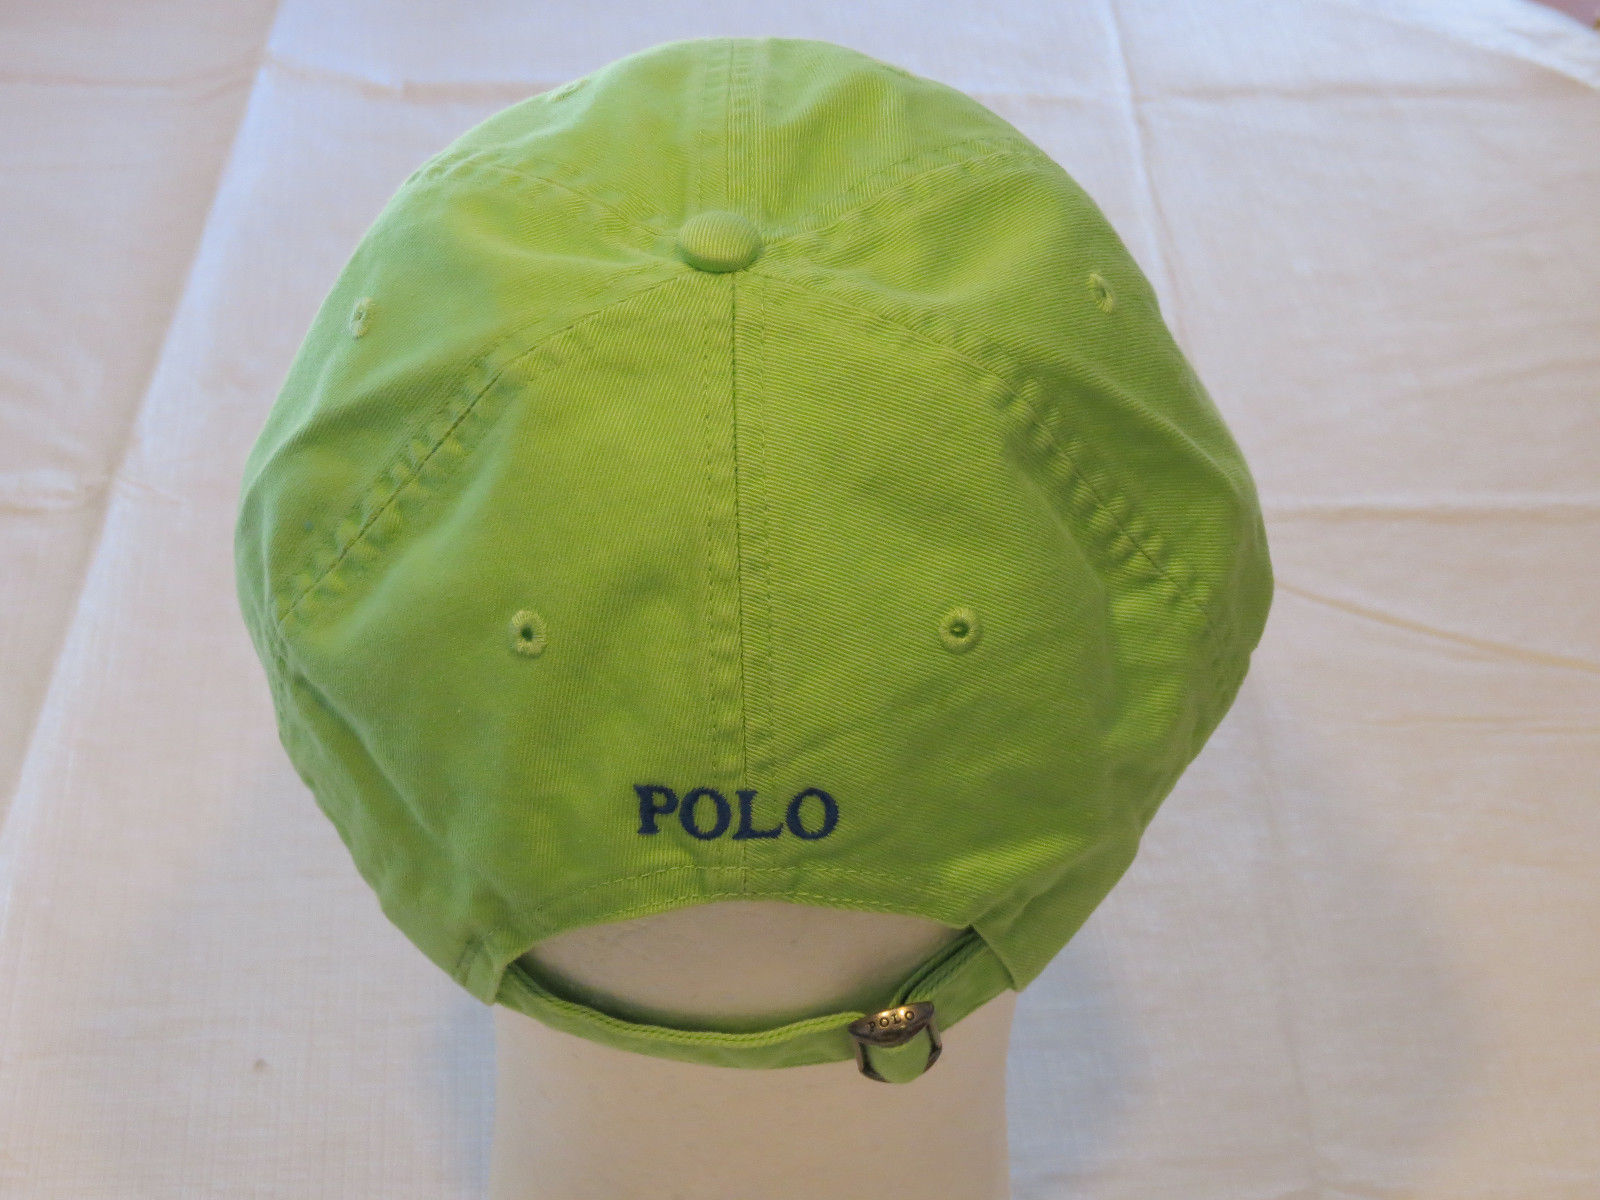 Mens Polo Ralph Lauren hat cap golf casual Green 4331002 adjustable classic 7f27d09562c3